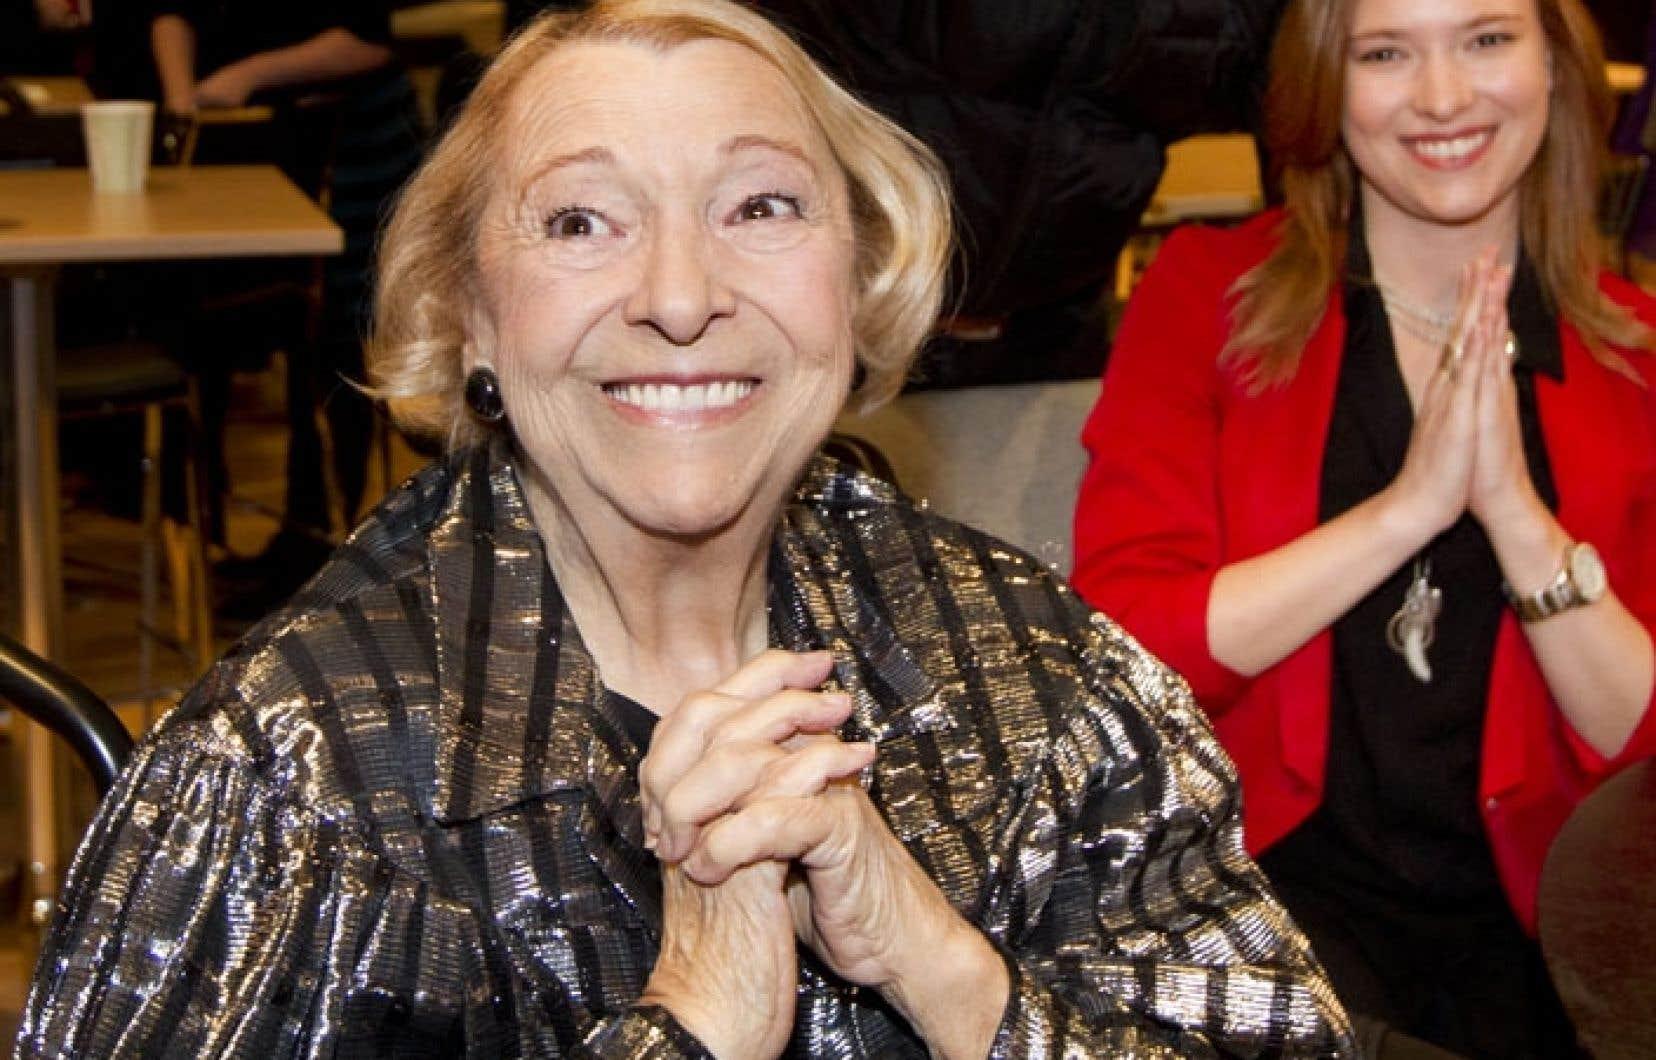 Lise Payette s'est laissé convaincre par sa petite-fille cinéaste, Flavie Payette-Renouf (à l'arrière), d'être au centre d'un documentaire retraçant son parcours personnel et professionnel.